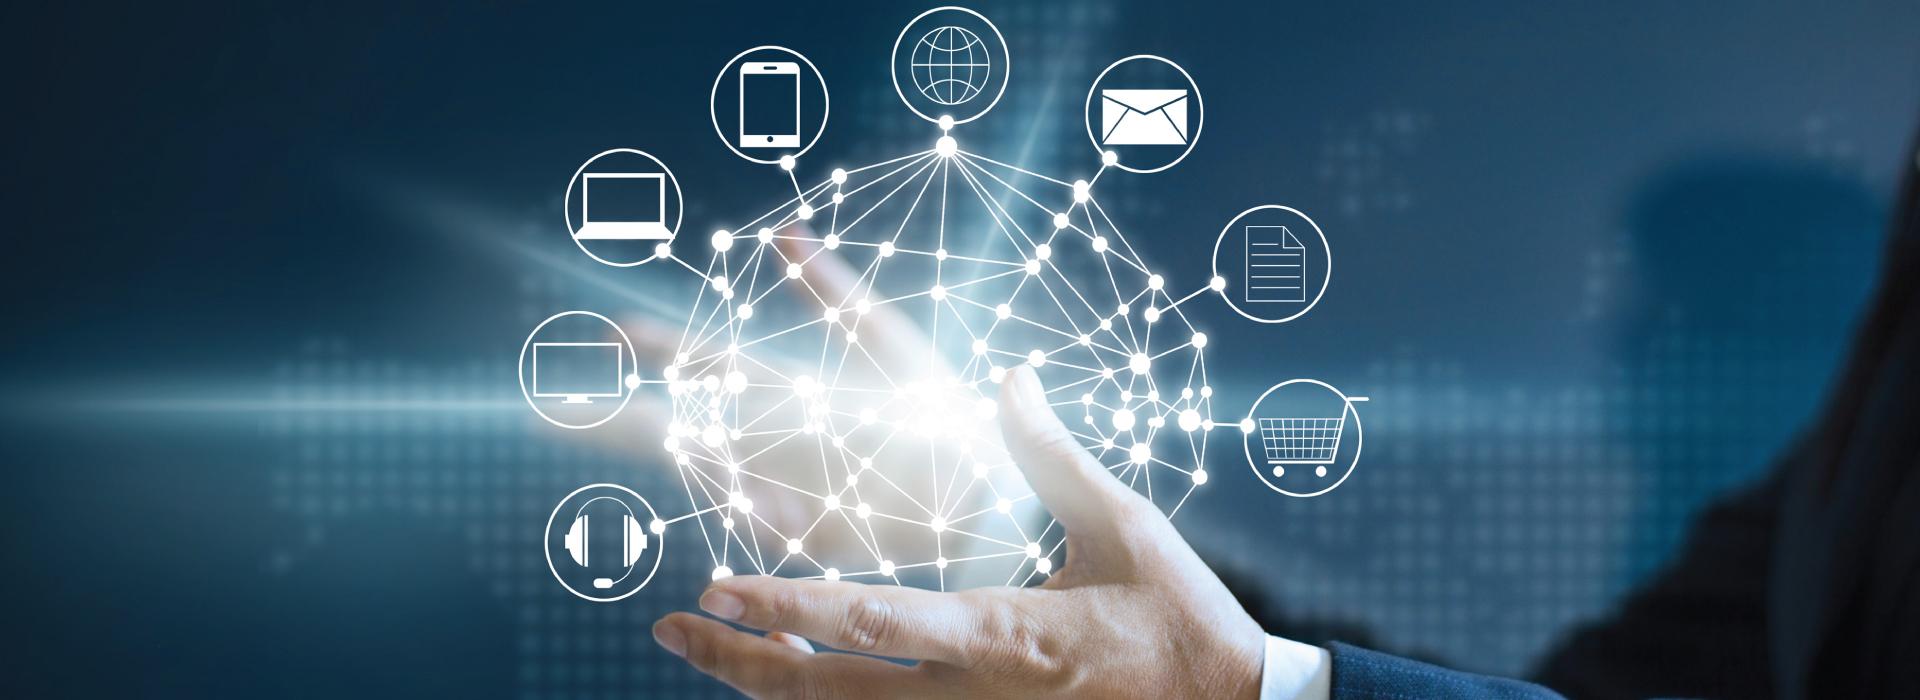 Formação espiritual em uma era digital